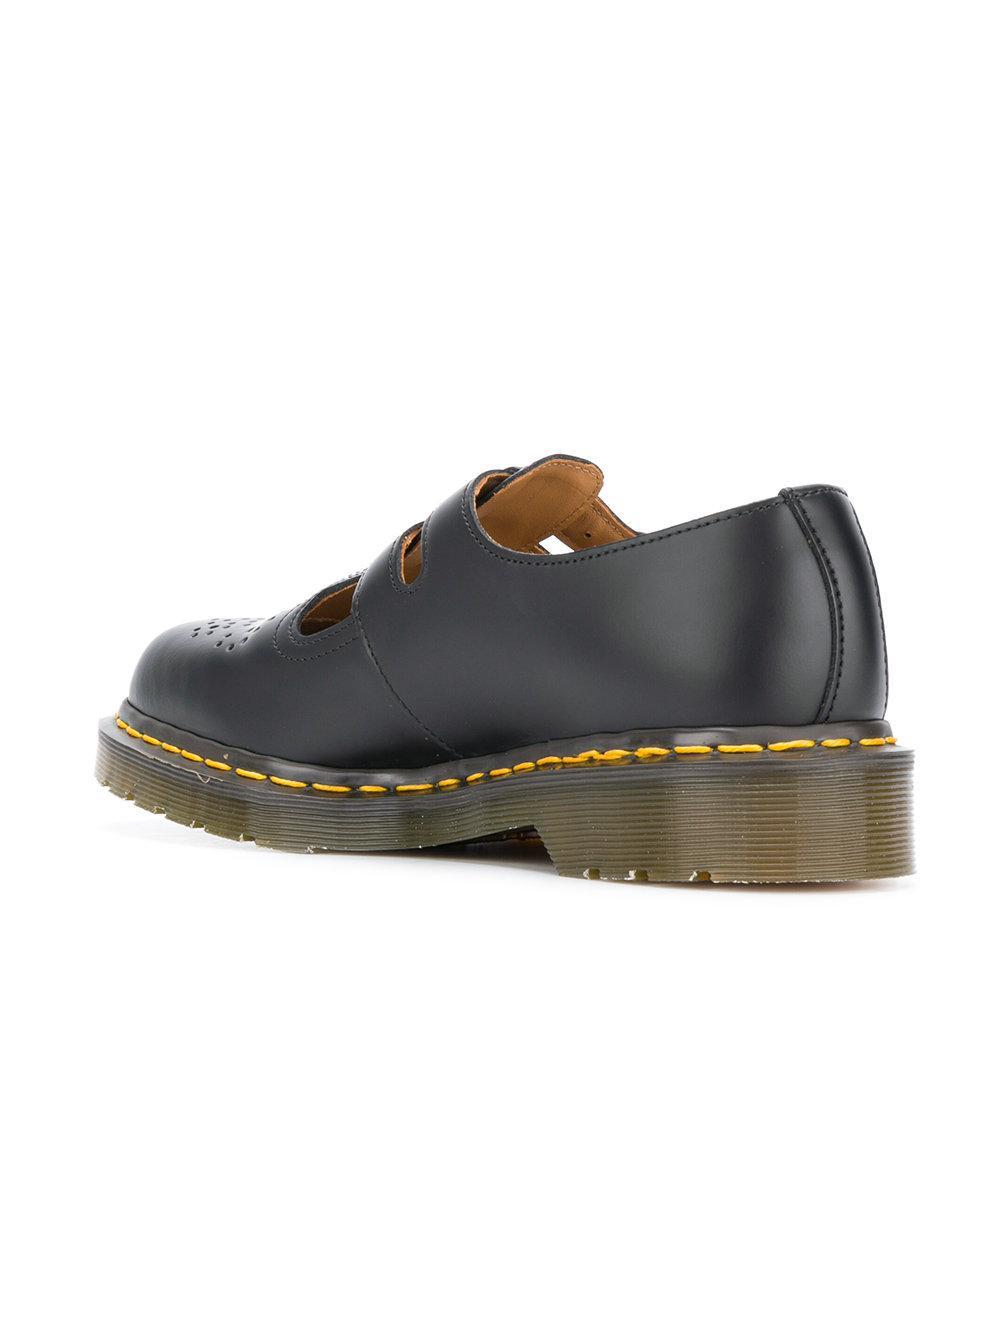 ea971c736b316 Comme des Garçons Dr. Martens Double Strap Brogues in Black for Men ...